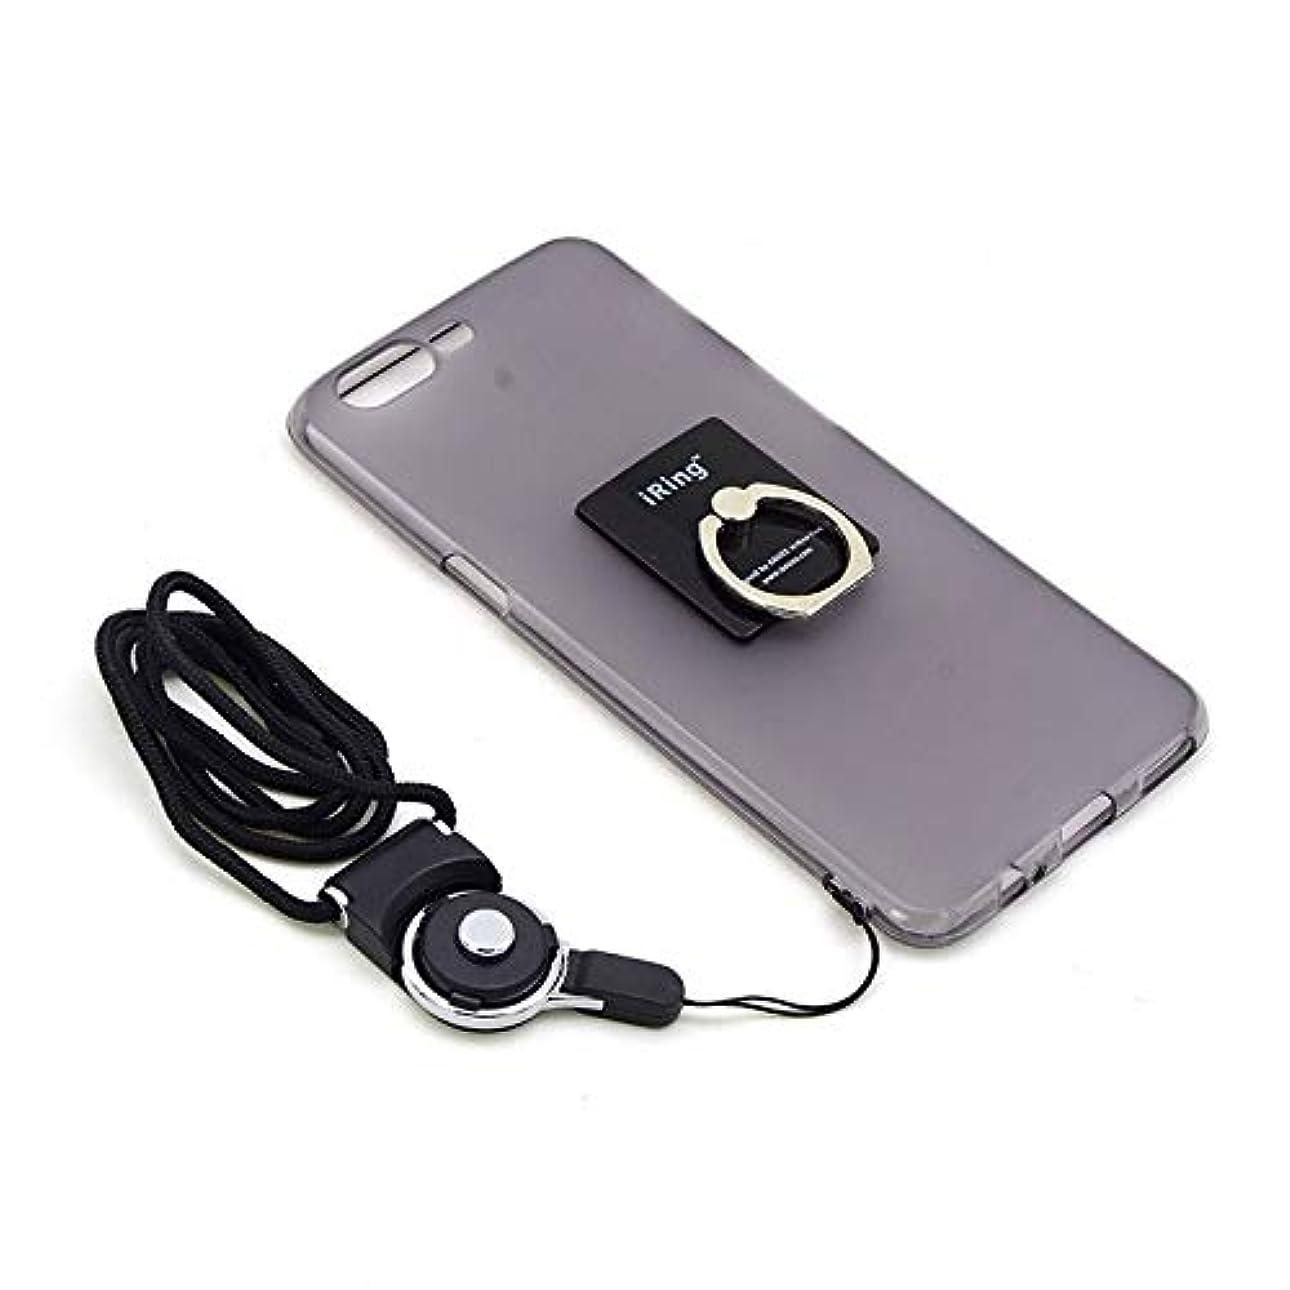 インディカブレーキドックJicorzo - Oneplusファイブメタルキーチェーンフィンガーリングホルダーのための新しい携帯電話ケースONE PLUS 5 1プラス3T TPUケースについてネックストラップスタンド